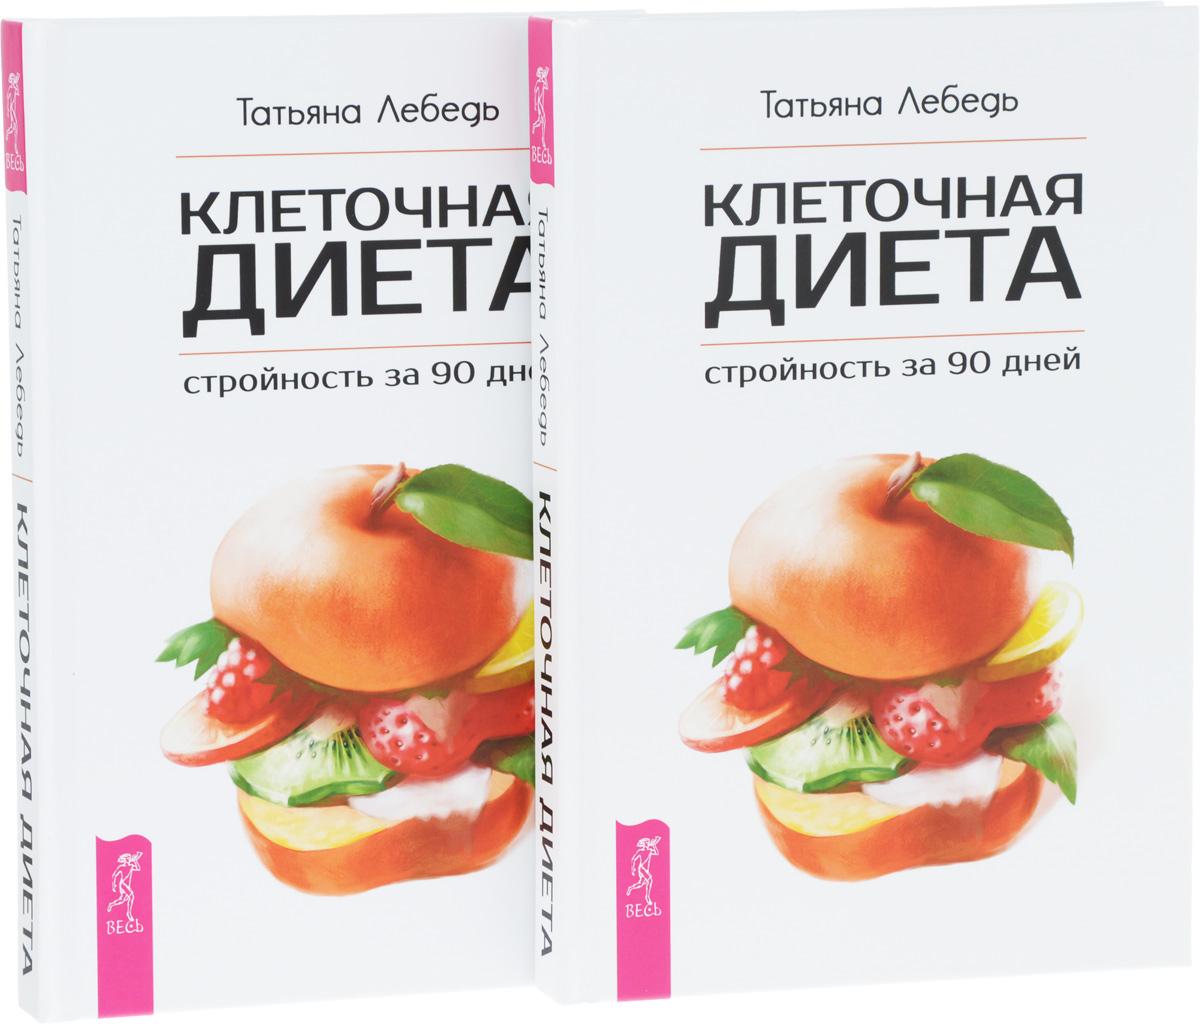 Клеточная диета - стройность за 90 дней (комплект из 2 книг)